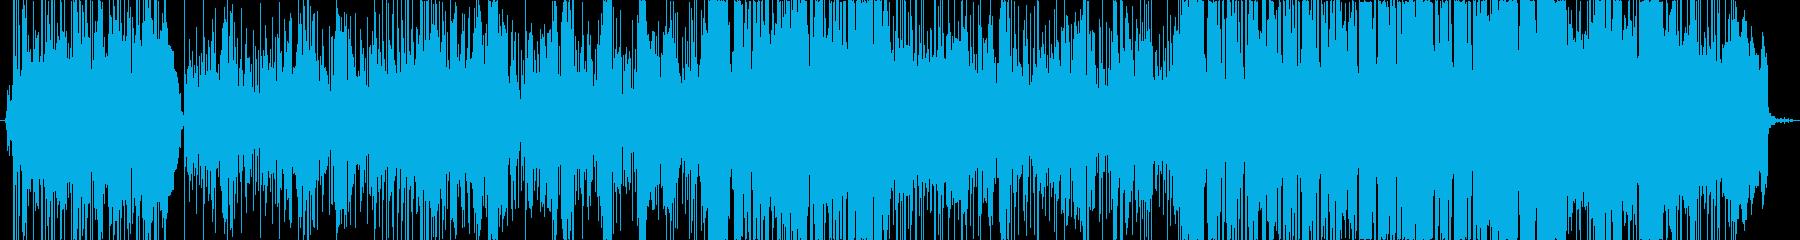 ポップロック調のメッセージソングの再生済みの波形